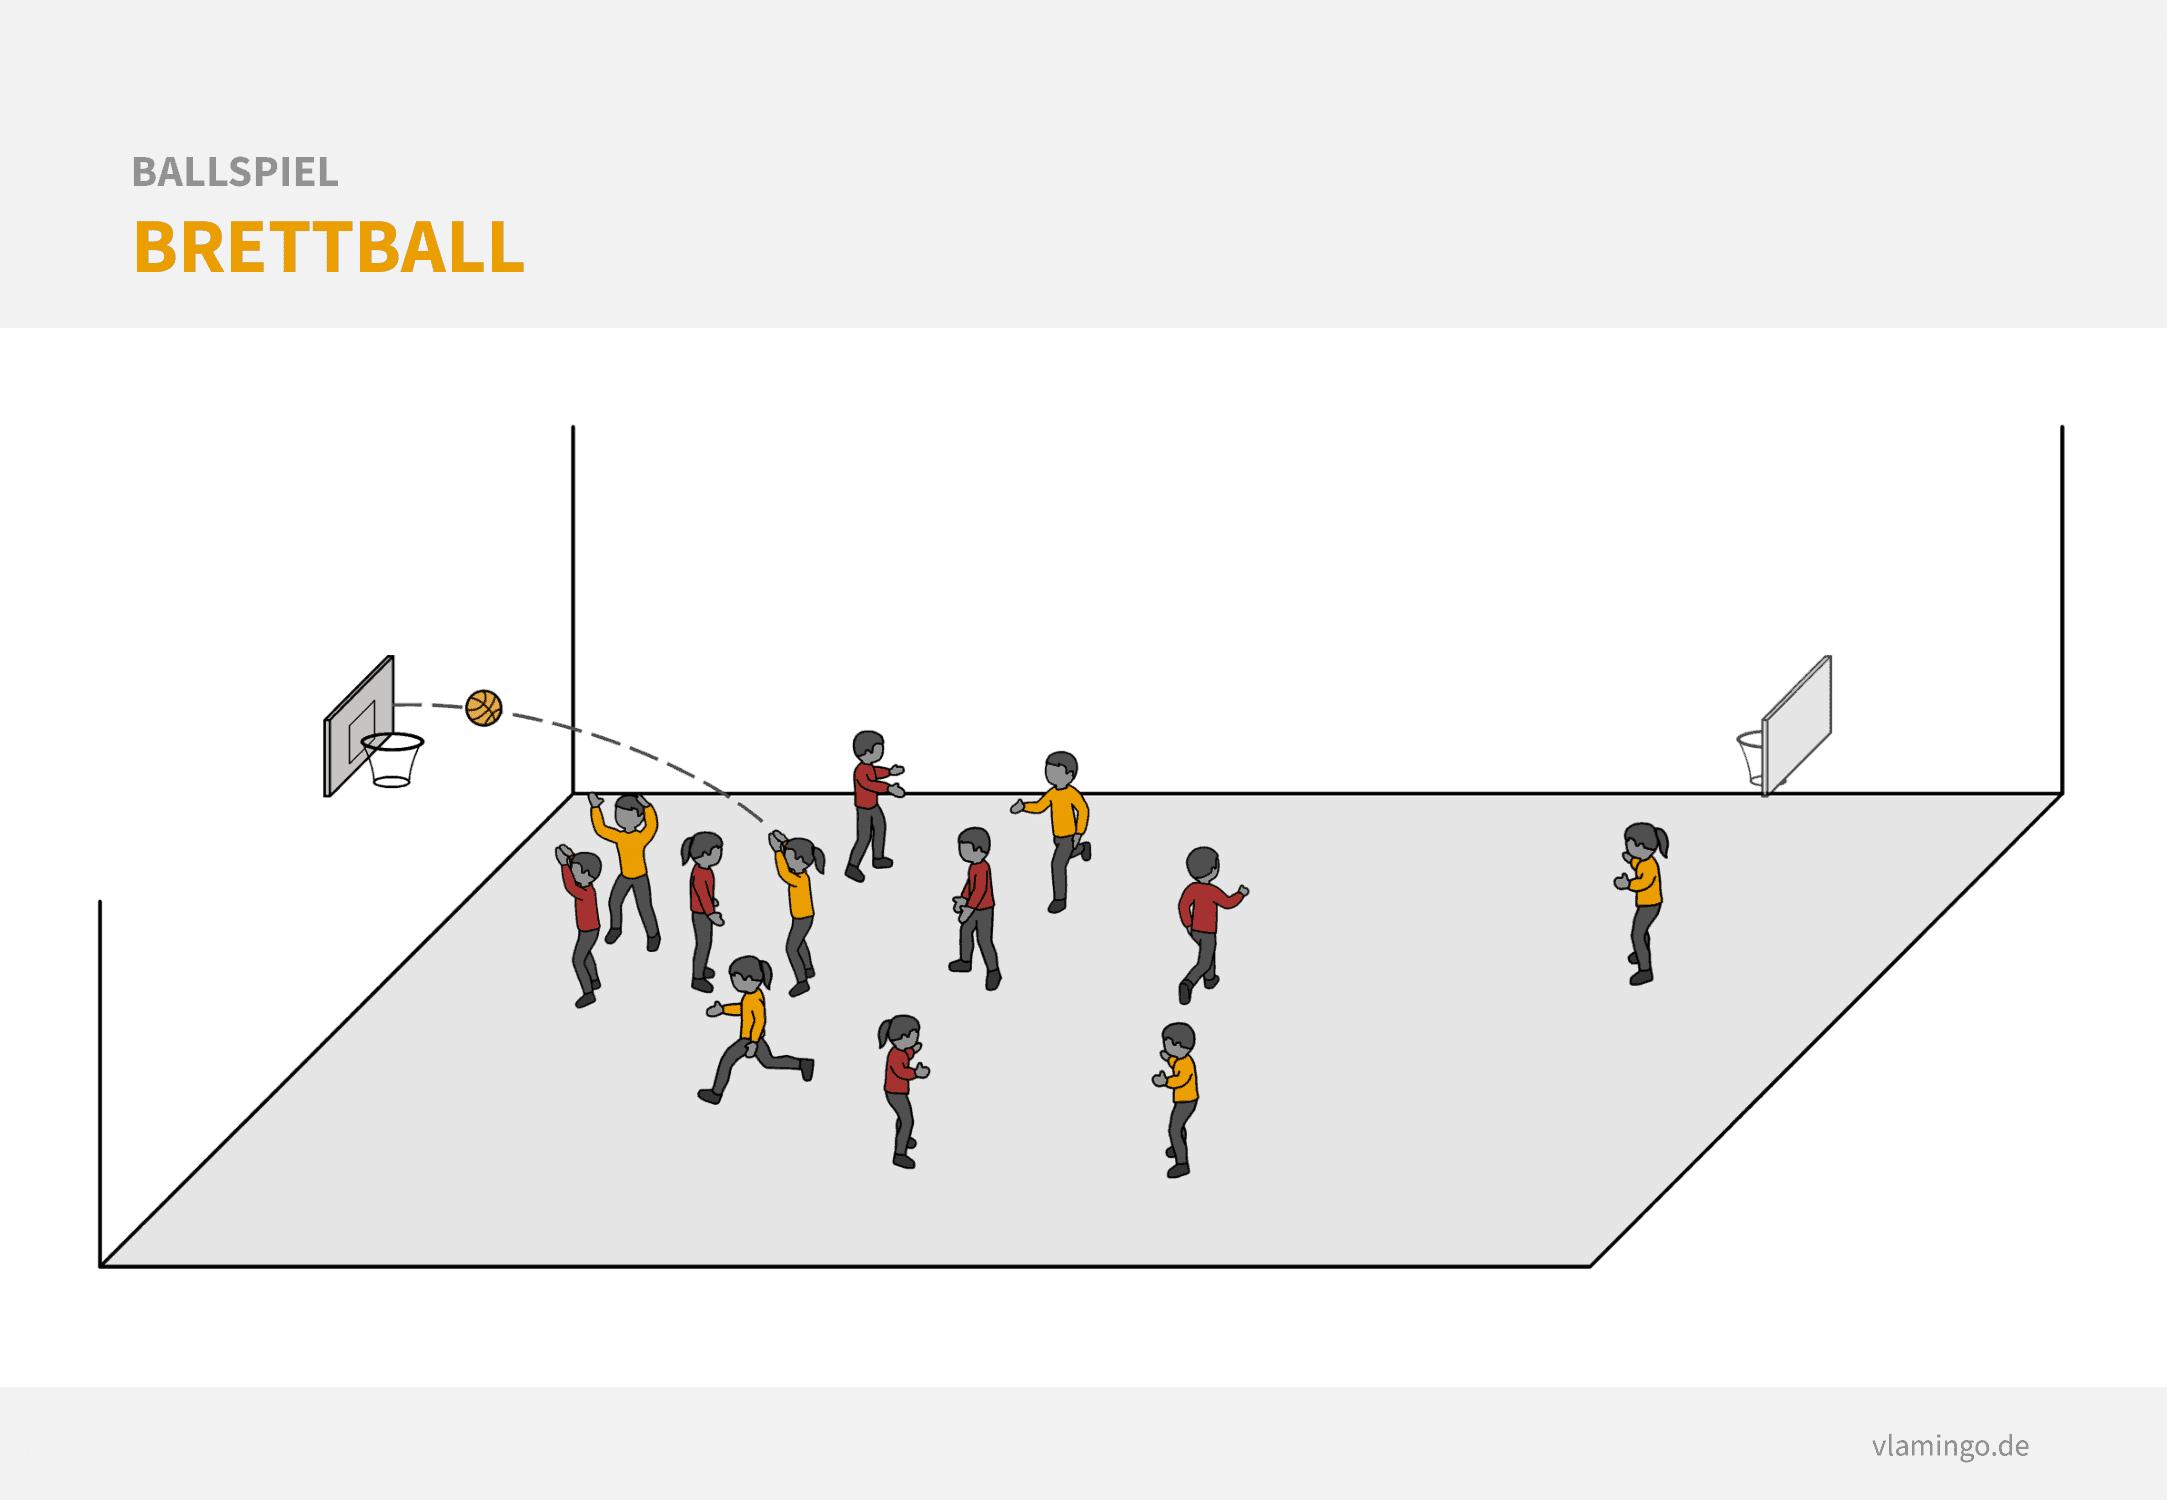 Ballspiel: Brettball